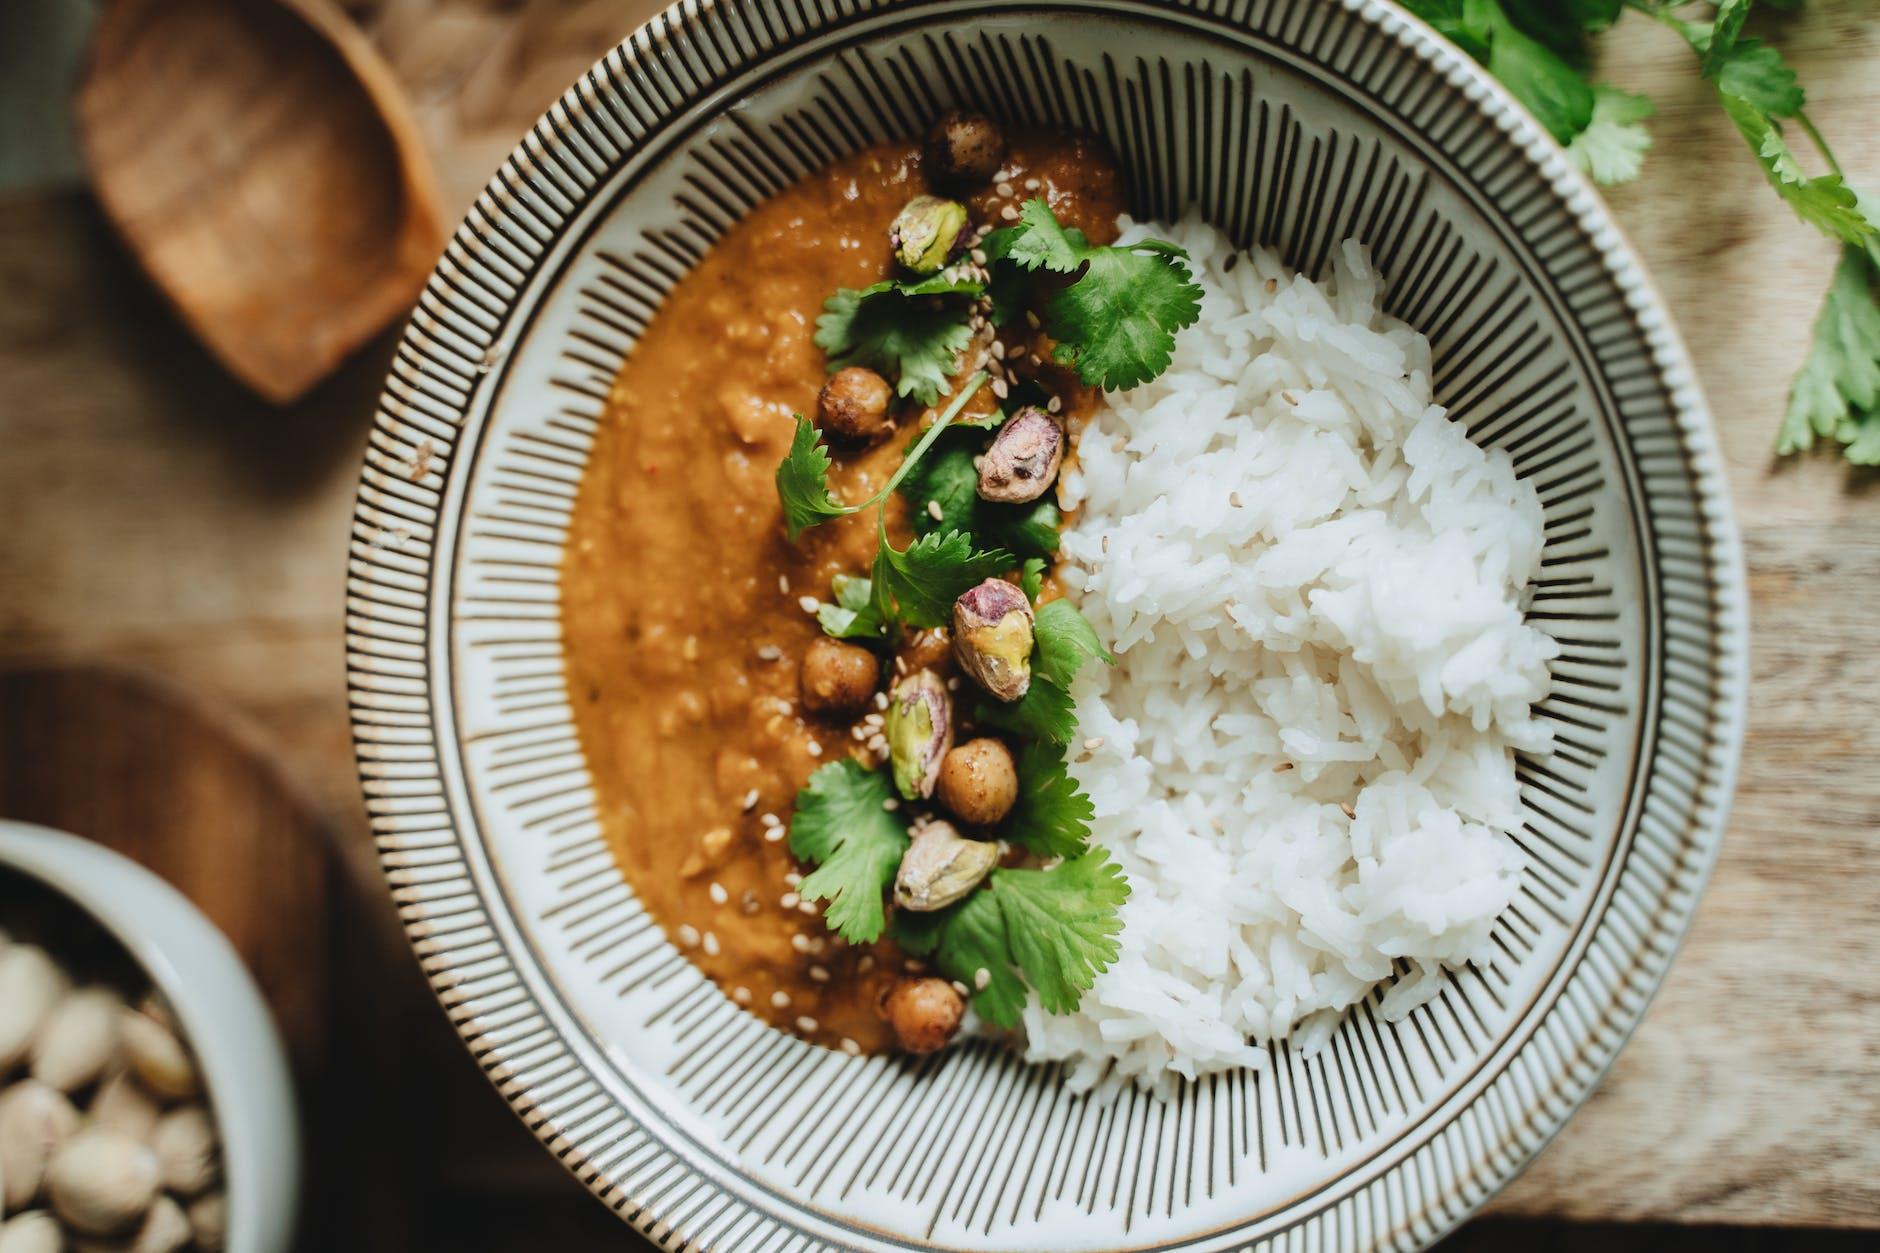 प्रेगनेंसी में चावल खाना